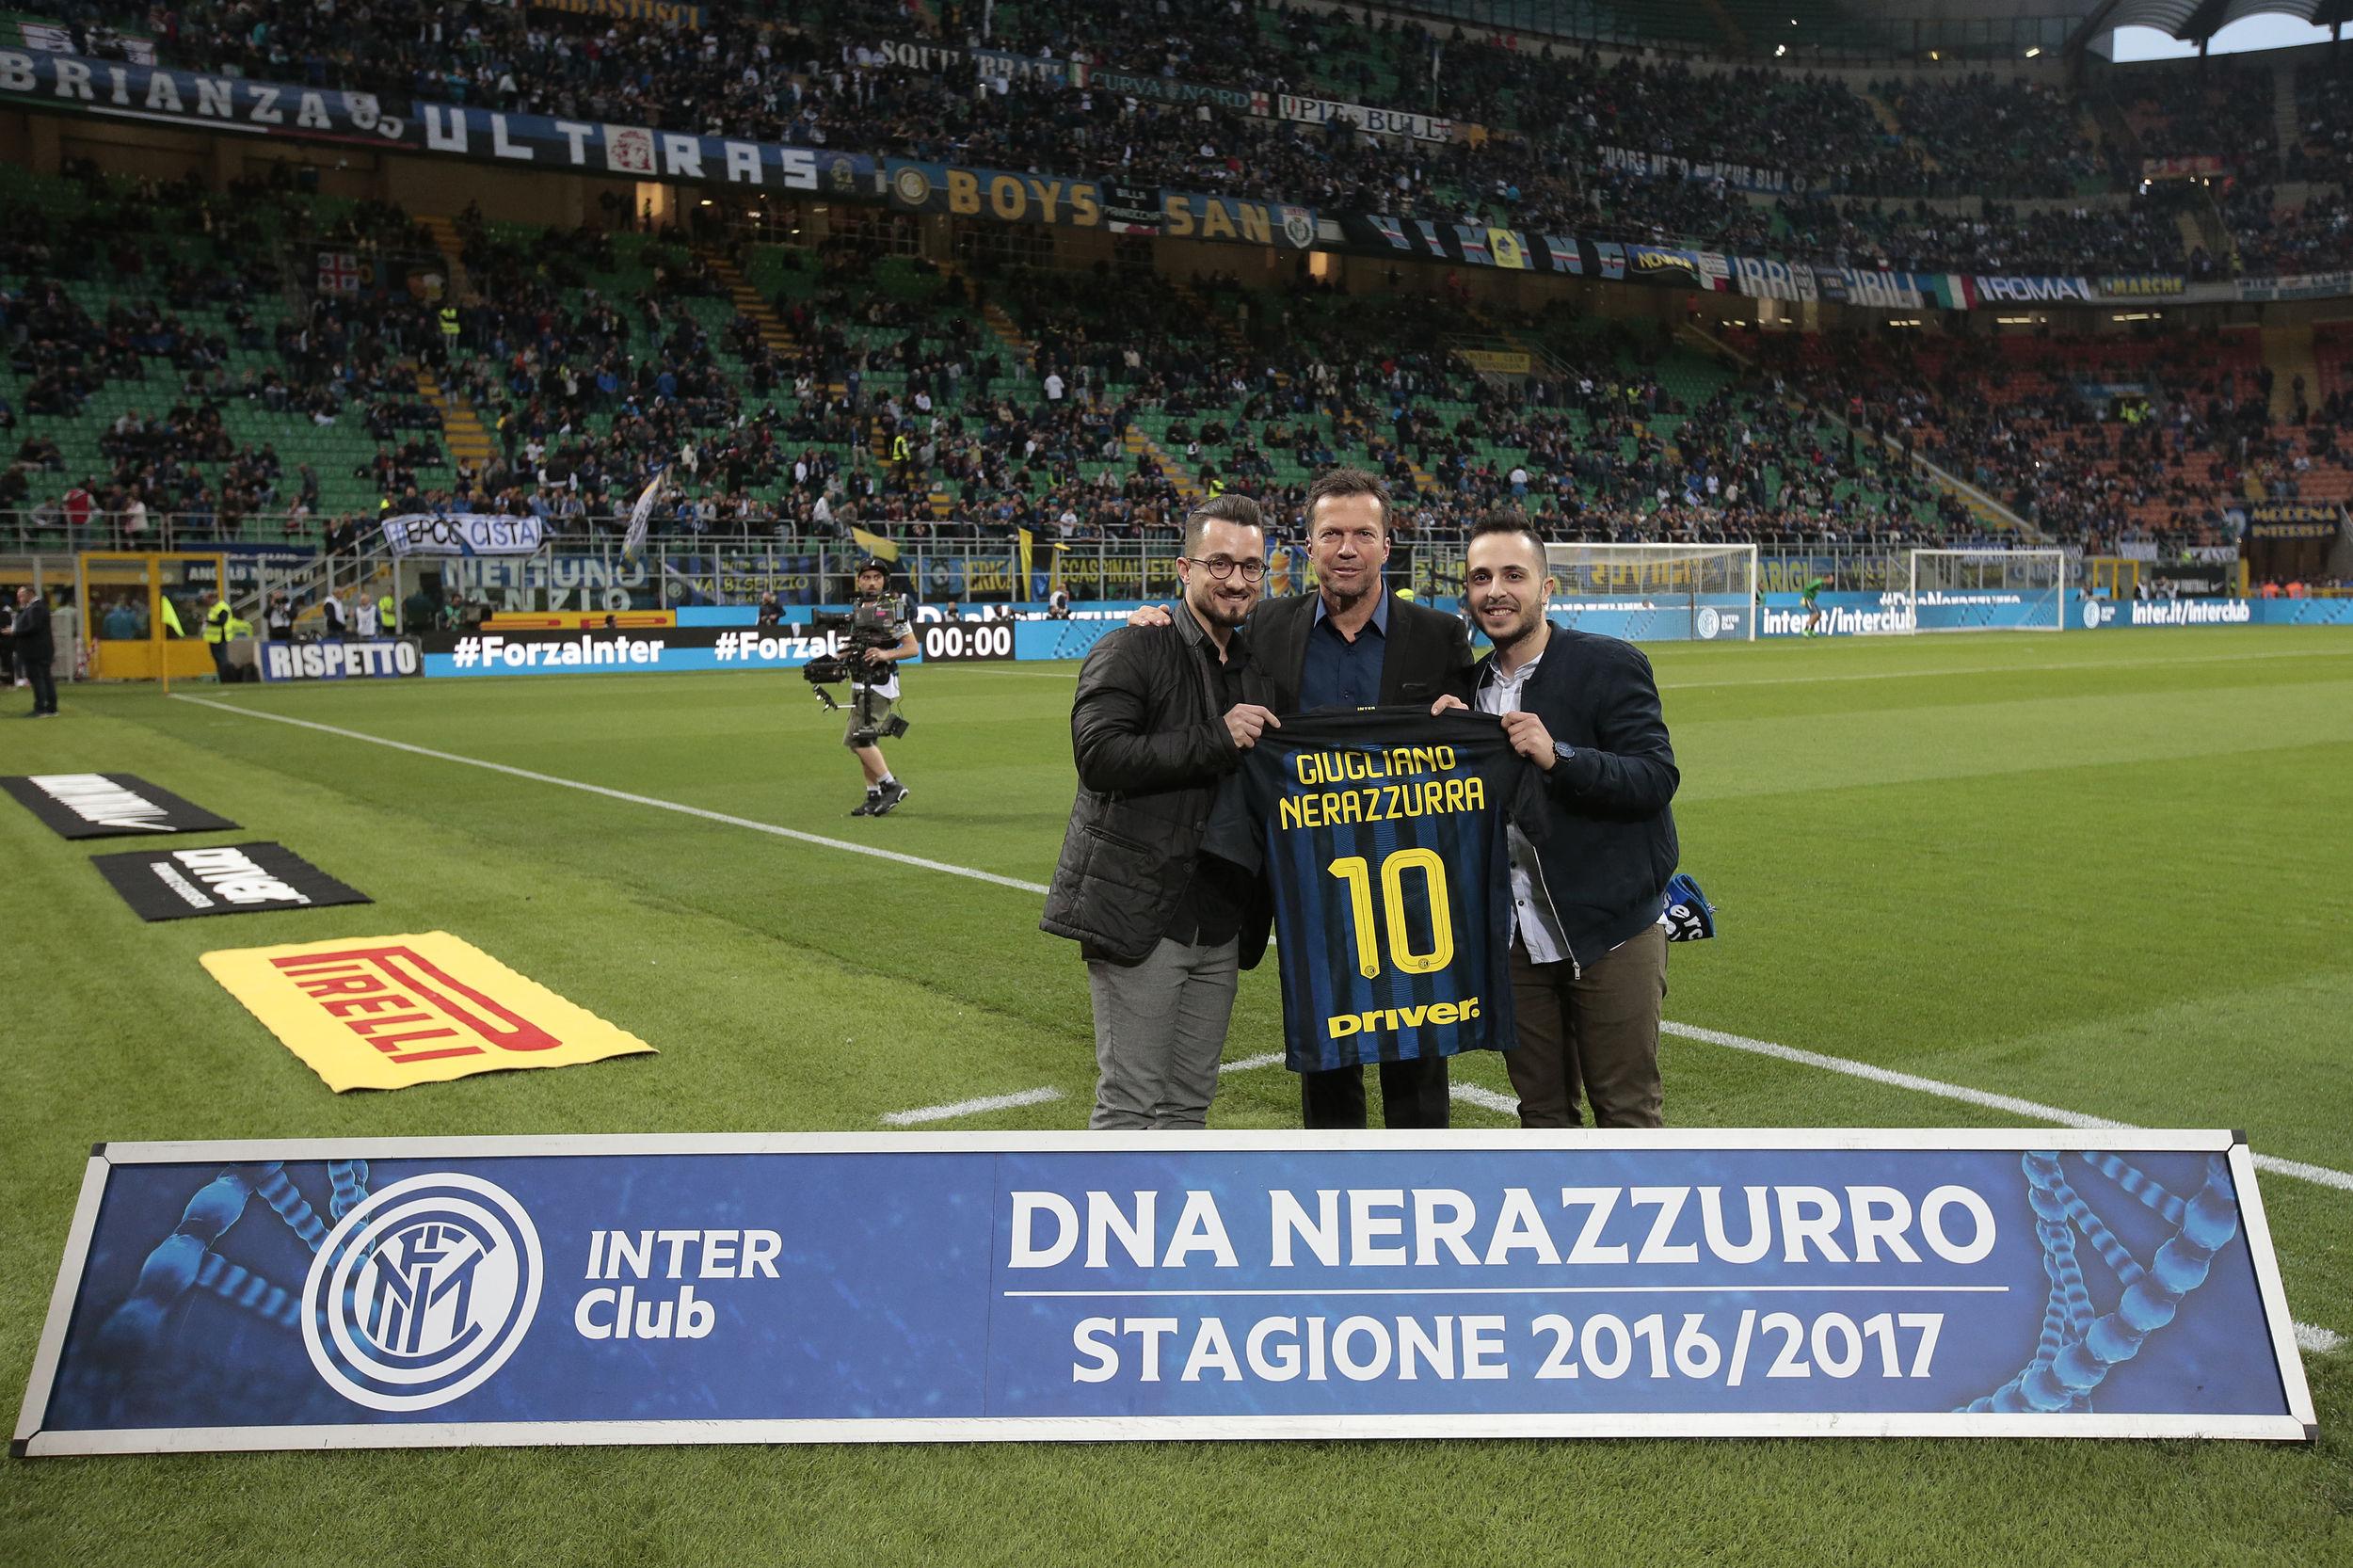 Lothar Matthaus memberi penghargaan kepada Inter Club di San Siro